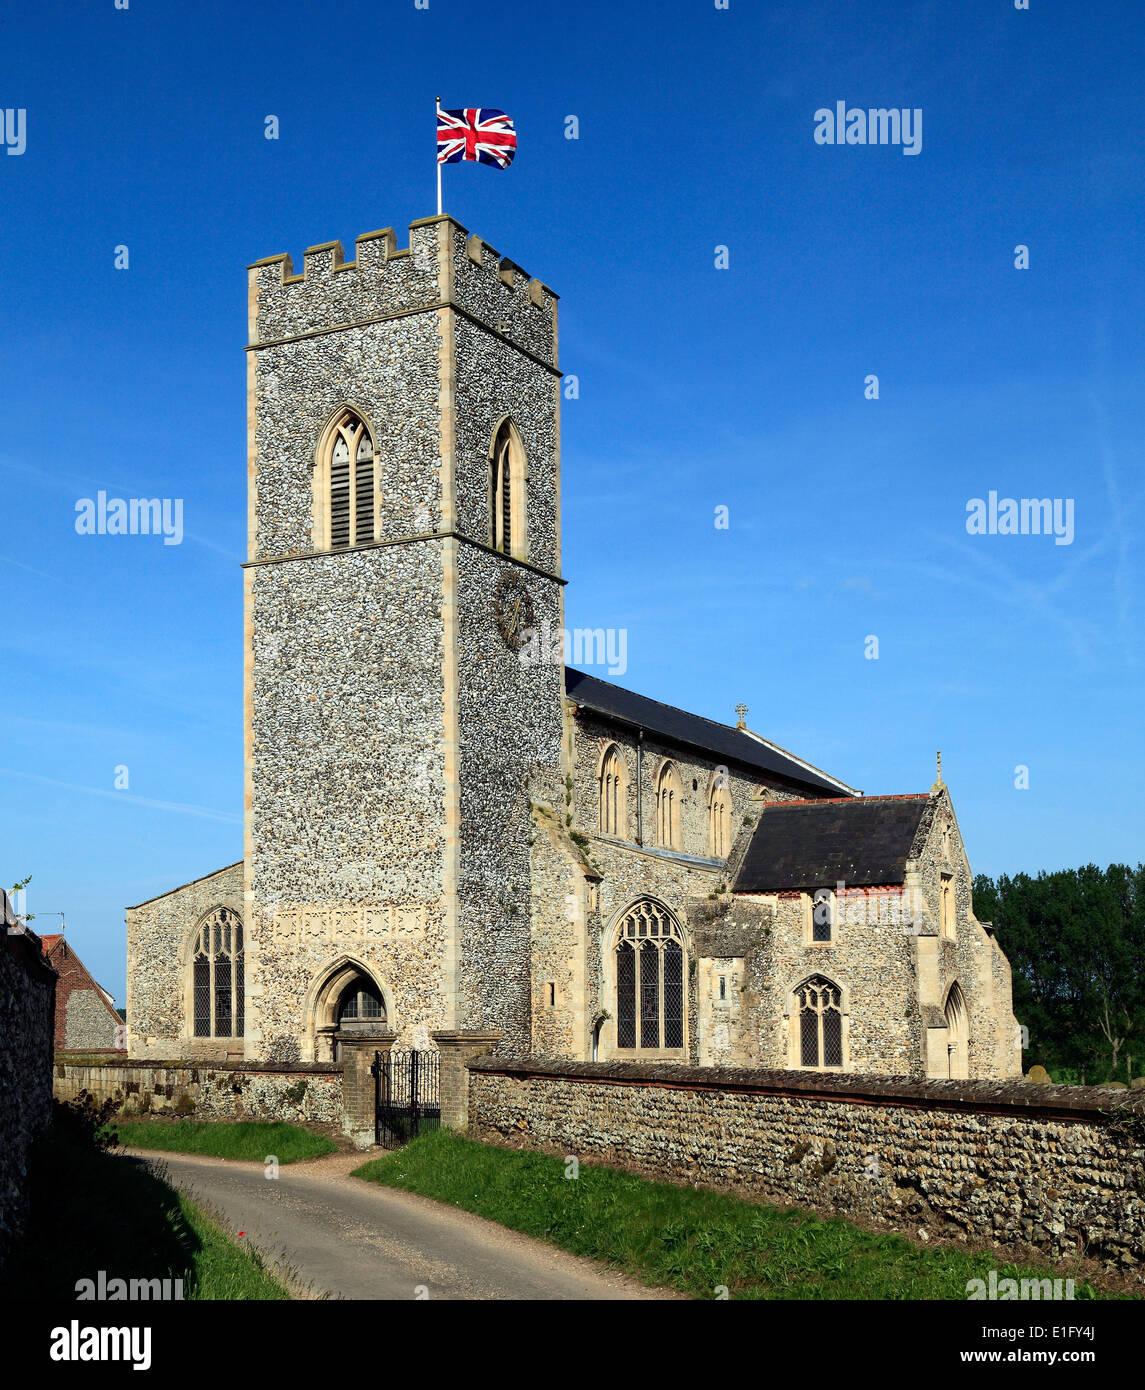 Inglese chiesa medievale, Union Jack Flag, Wighton, Norfolk Inghilterra Inglese Regno Unito chiese torri di avvistamento battenti bandiere Immagini Stock